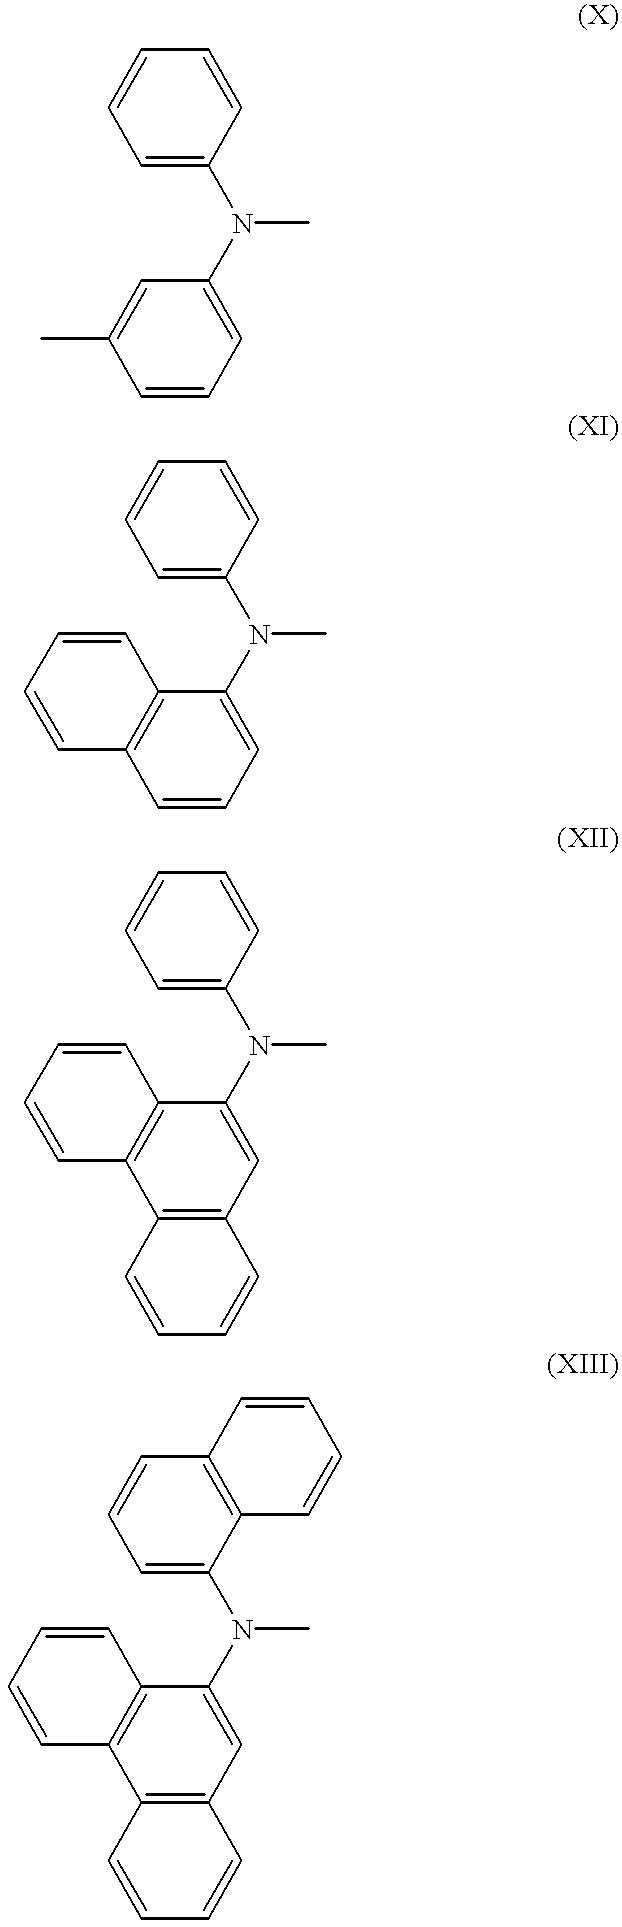 Figure US06387544-20020514-C00016